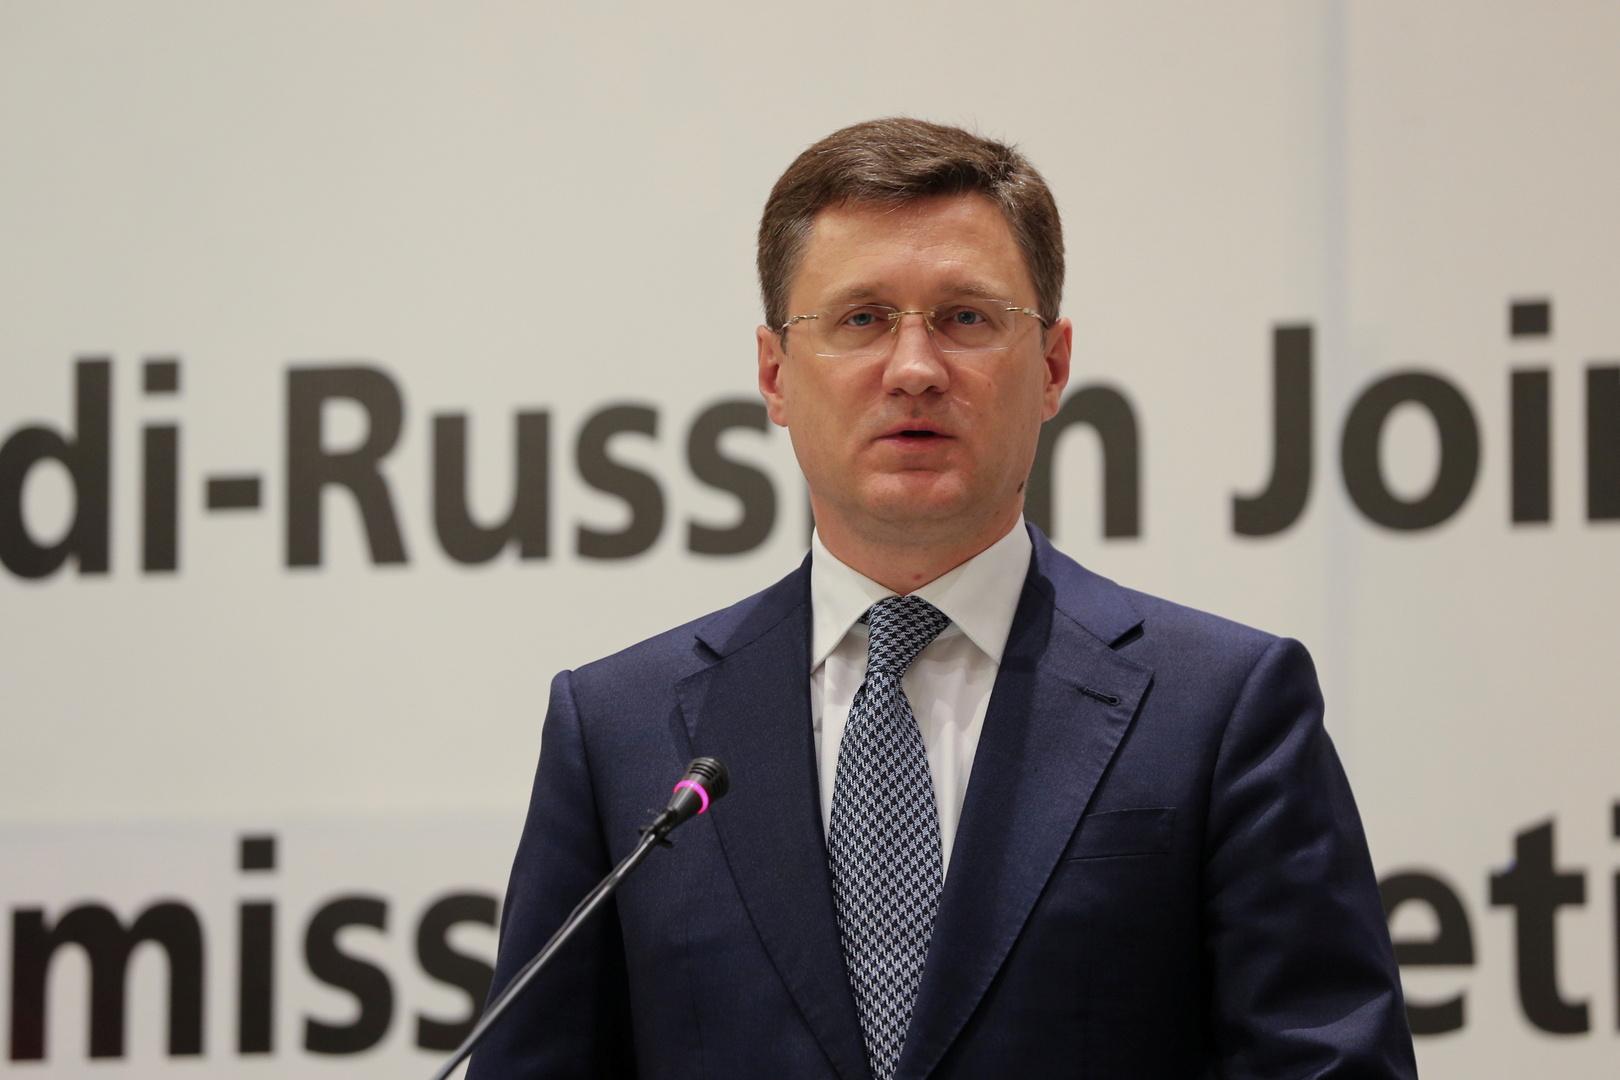 نائب رئيس الوزراء الروسي ألكسندر نوفاك